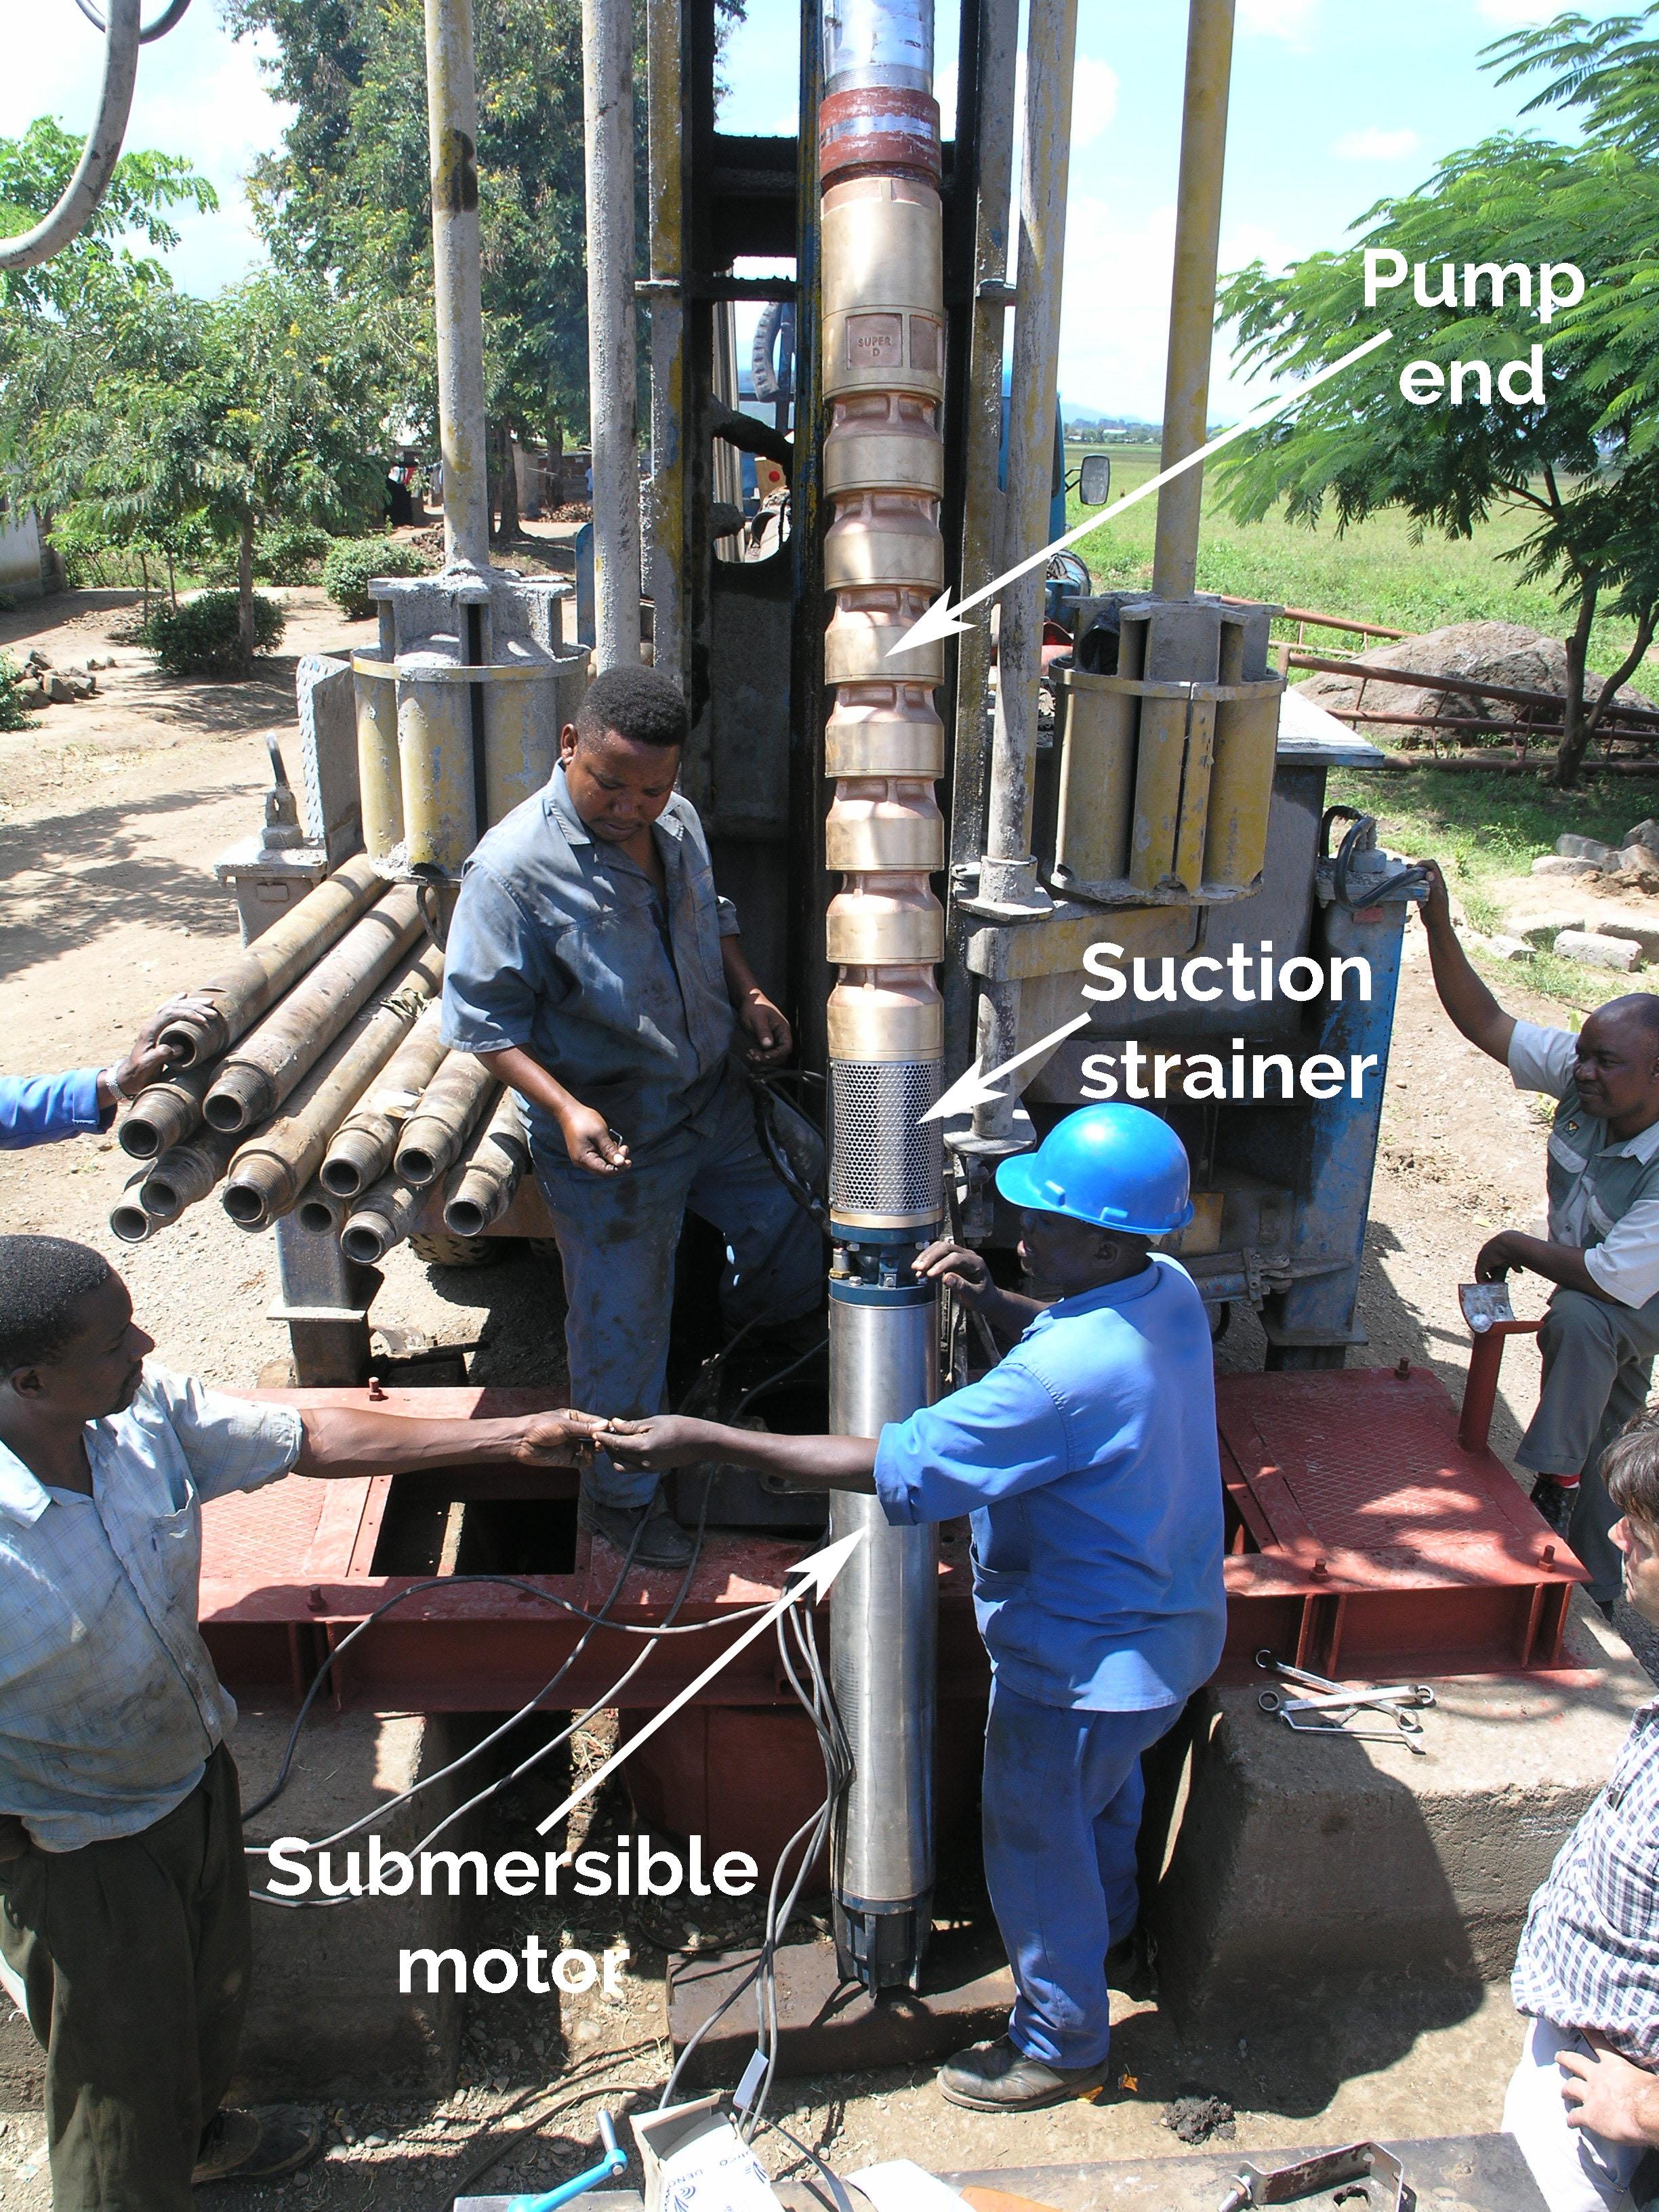 75kW submersible turbine